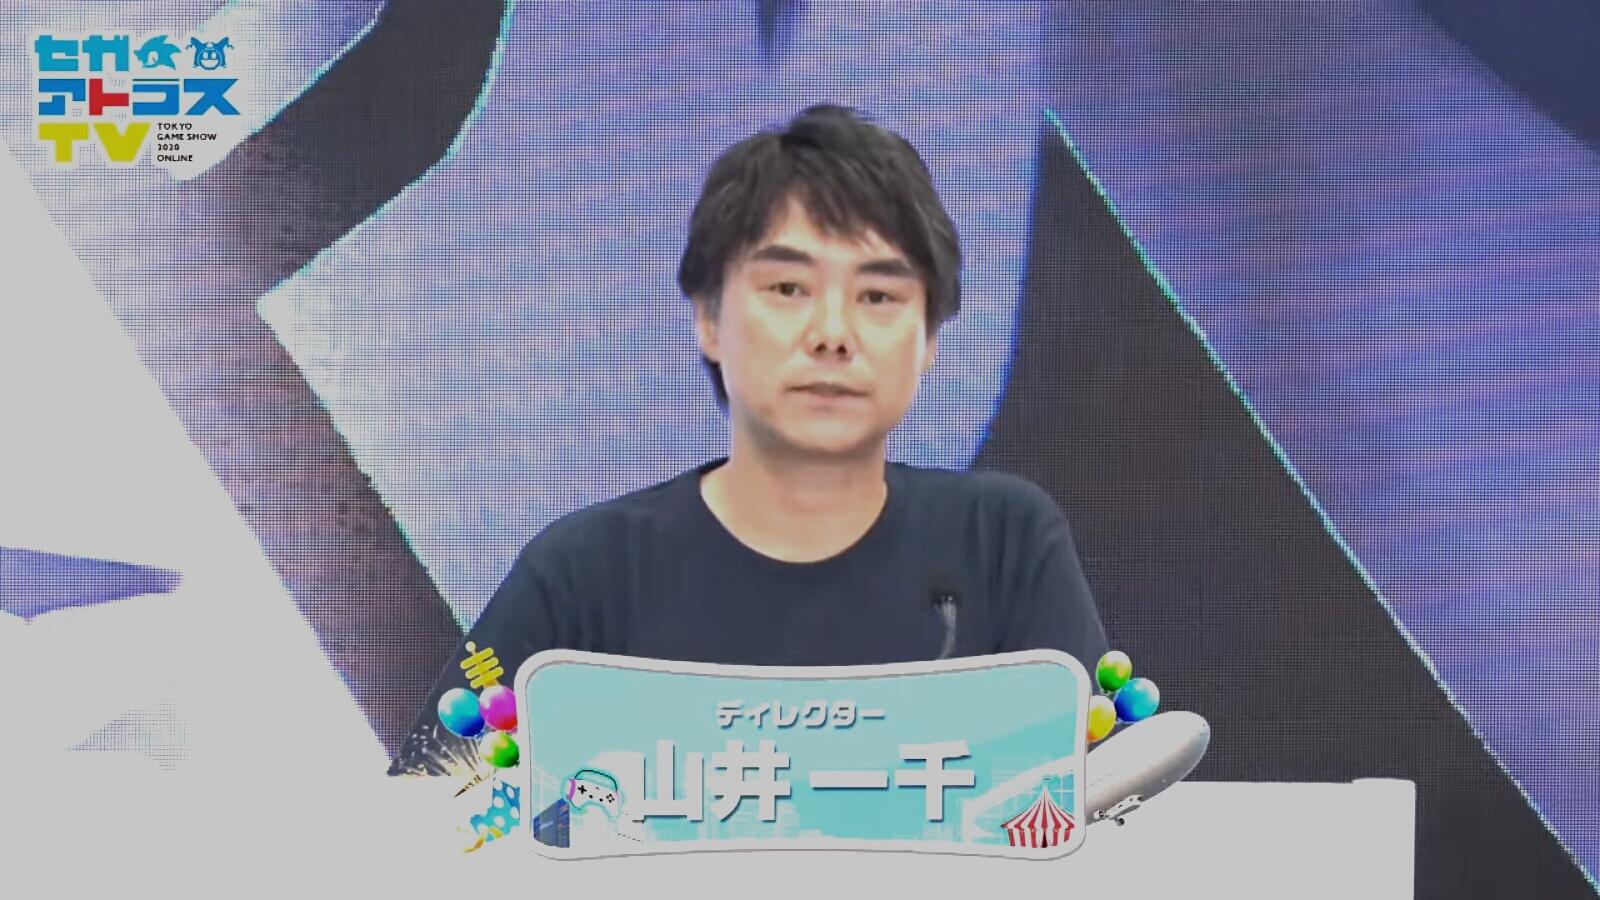 本作のディレクター、山井 一千氏